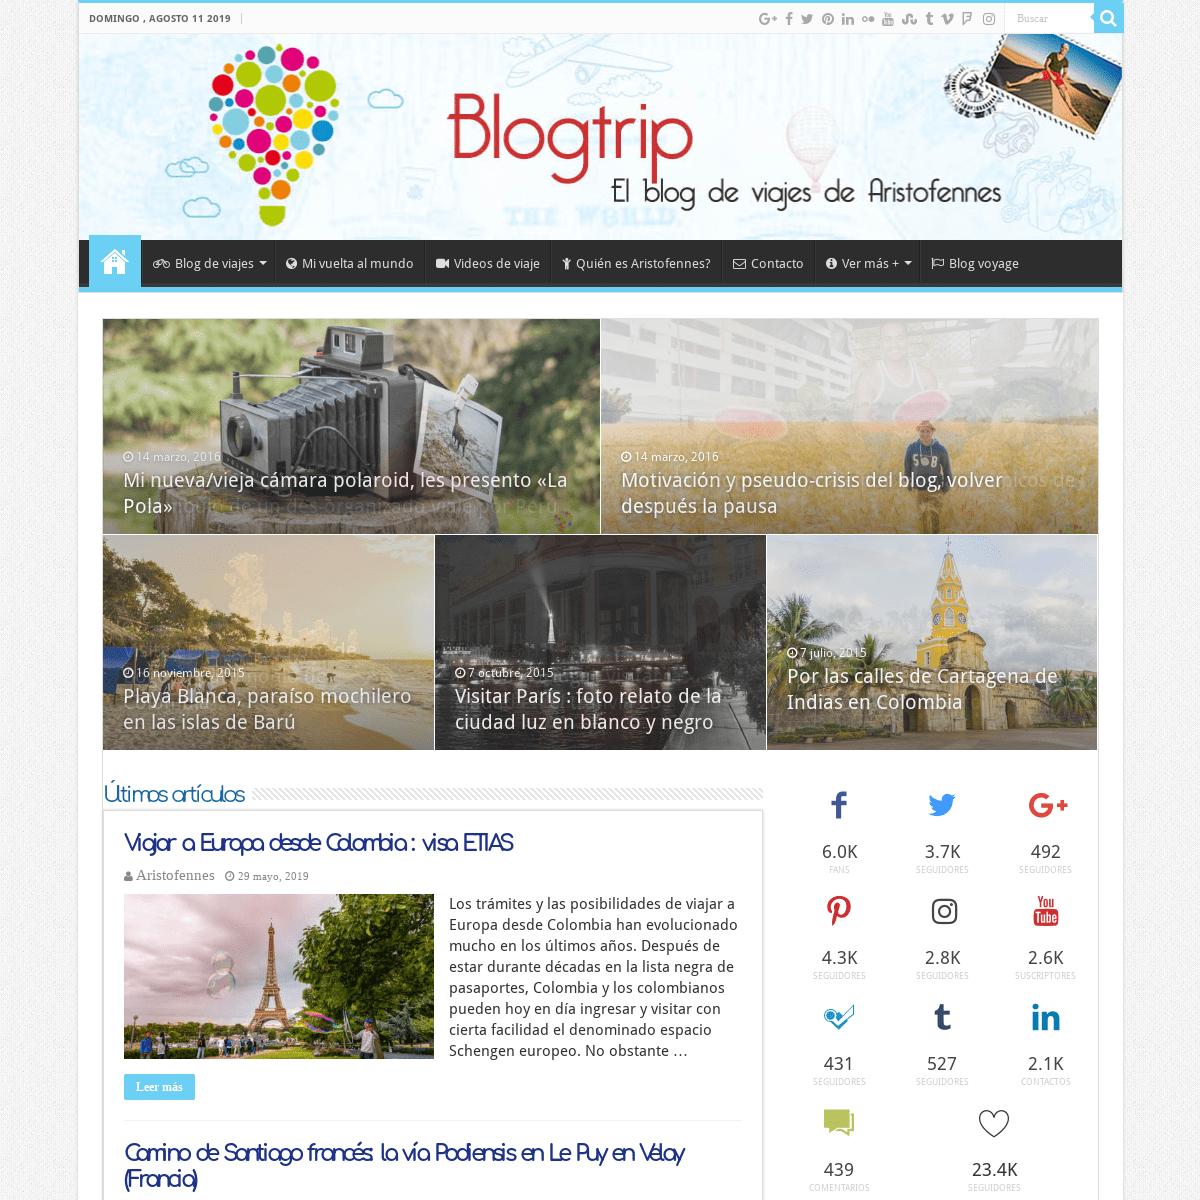 Blogtrip - blog de viajes de Aristofennes, viajar el mundo